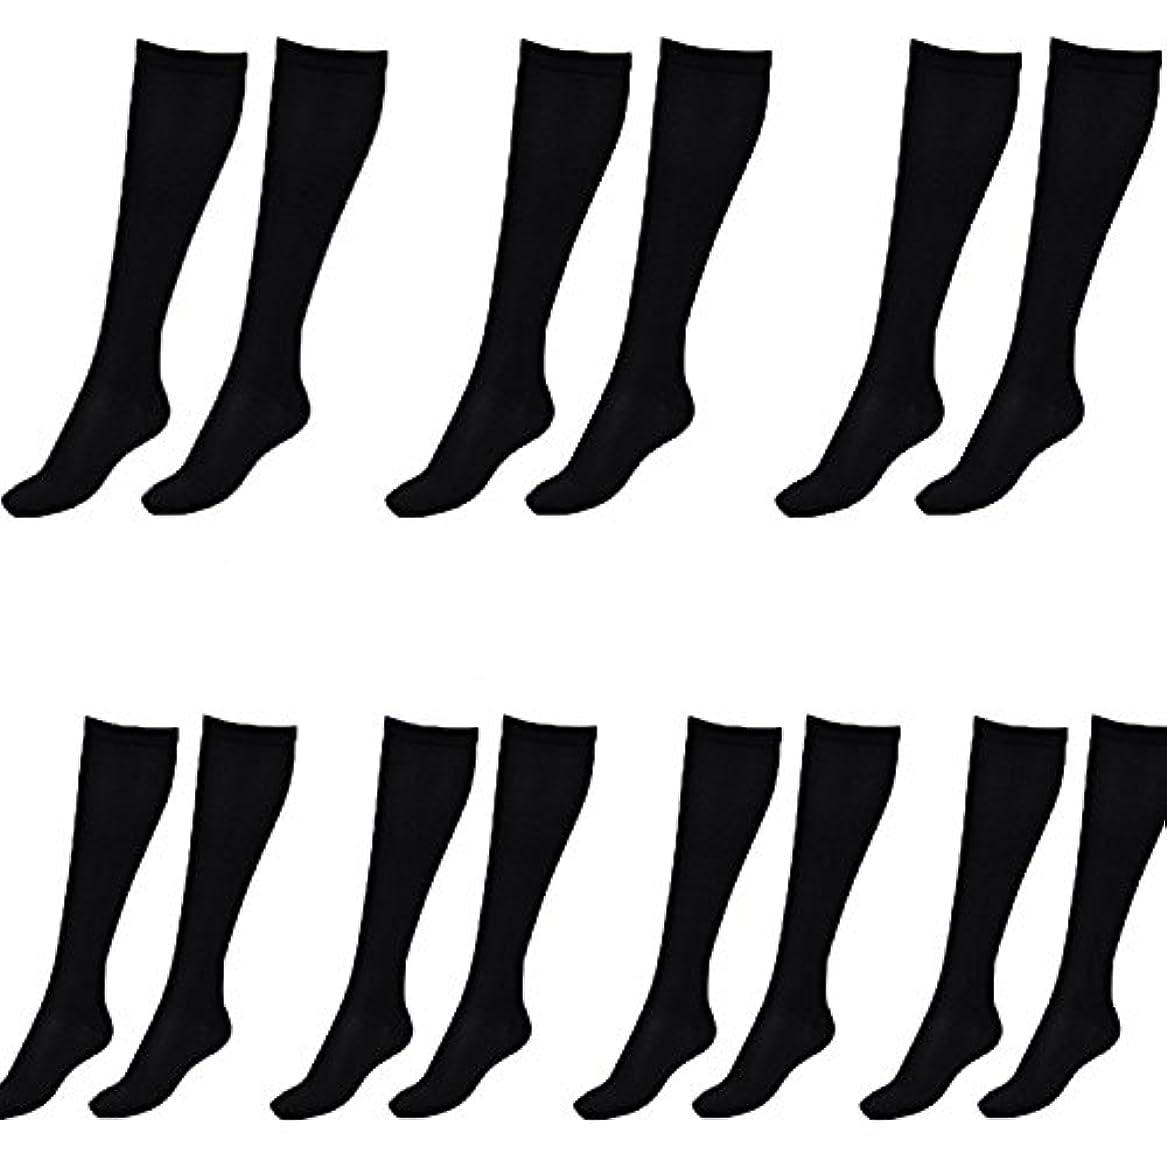 スクリュー側溝アダルト美脚X ビキャックス 強圧補正ソックス レディース 7足セット 着圧 ソックス 引き締め 伸縮 靴下